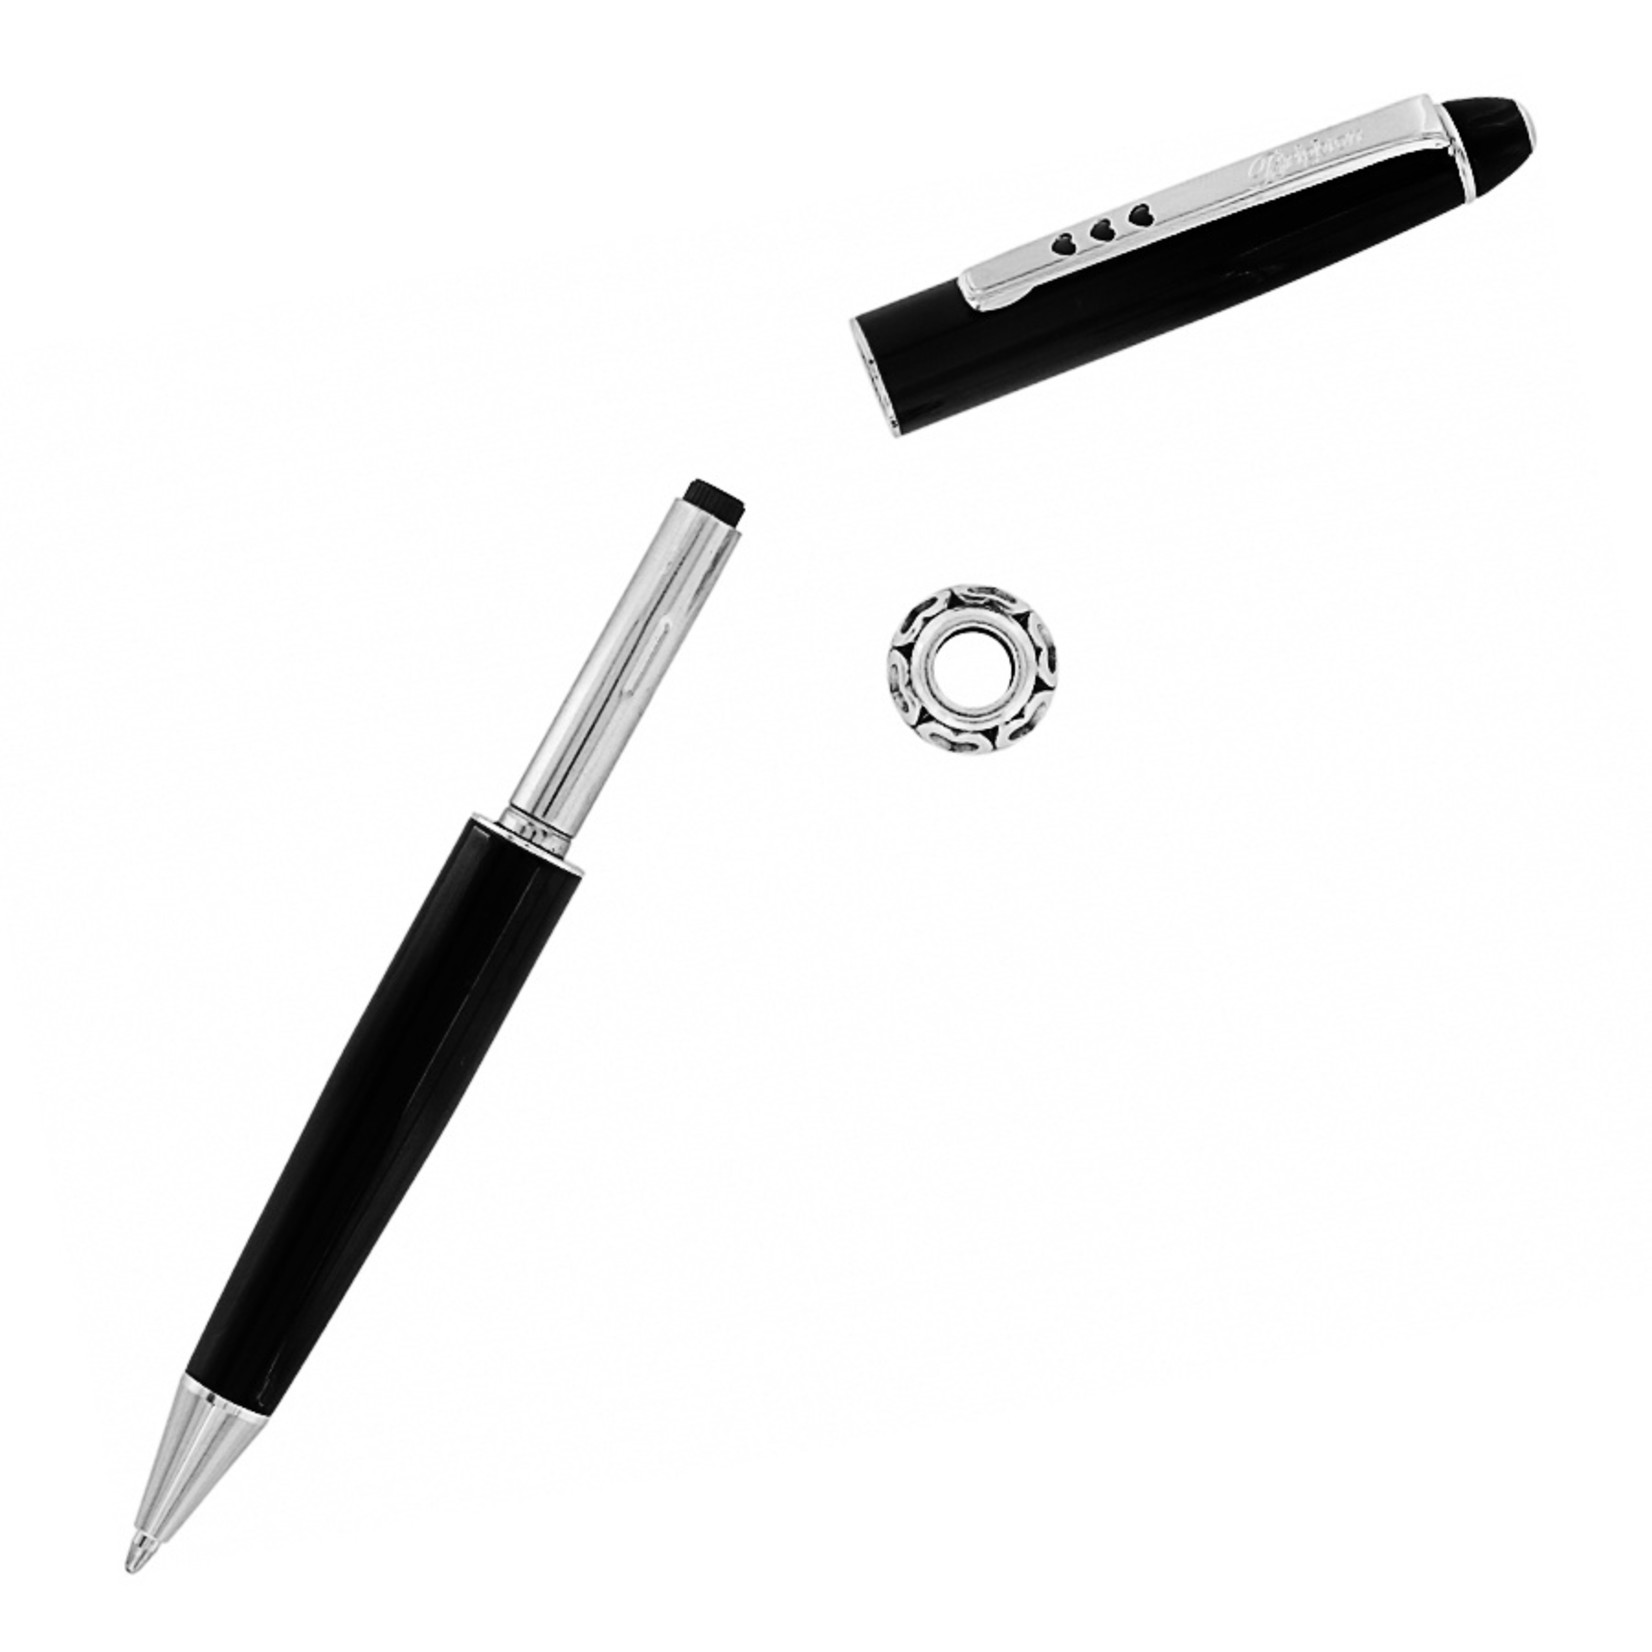 Brighton J98213 Pen Pal Long Charm Pen - Black/Silver